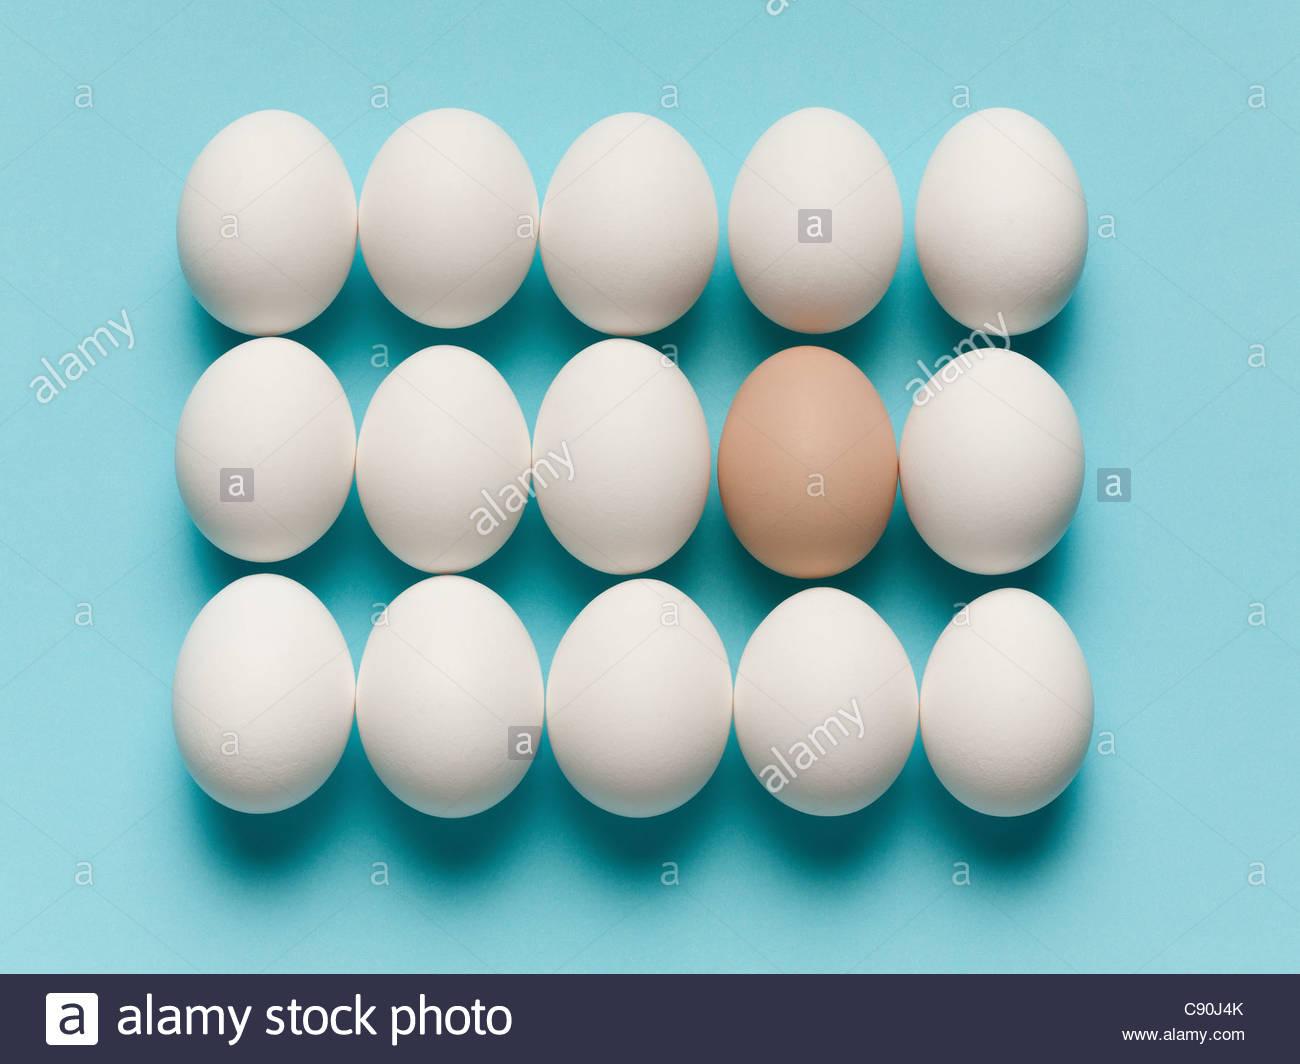 Uovo marrone con grandi le uova bianche Foto Stock